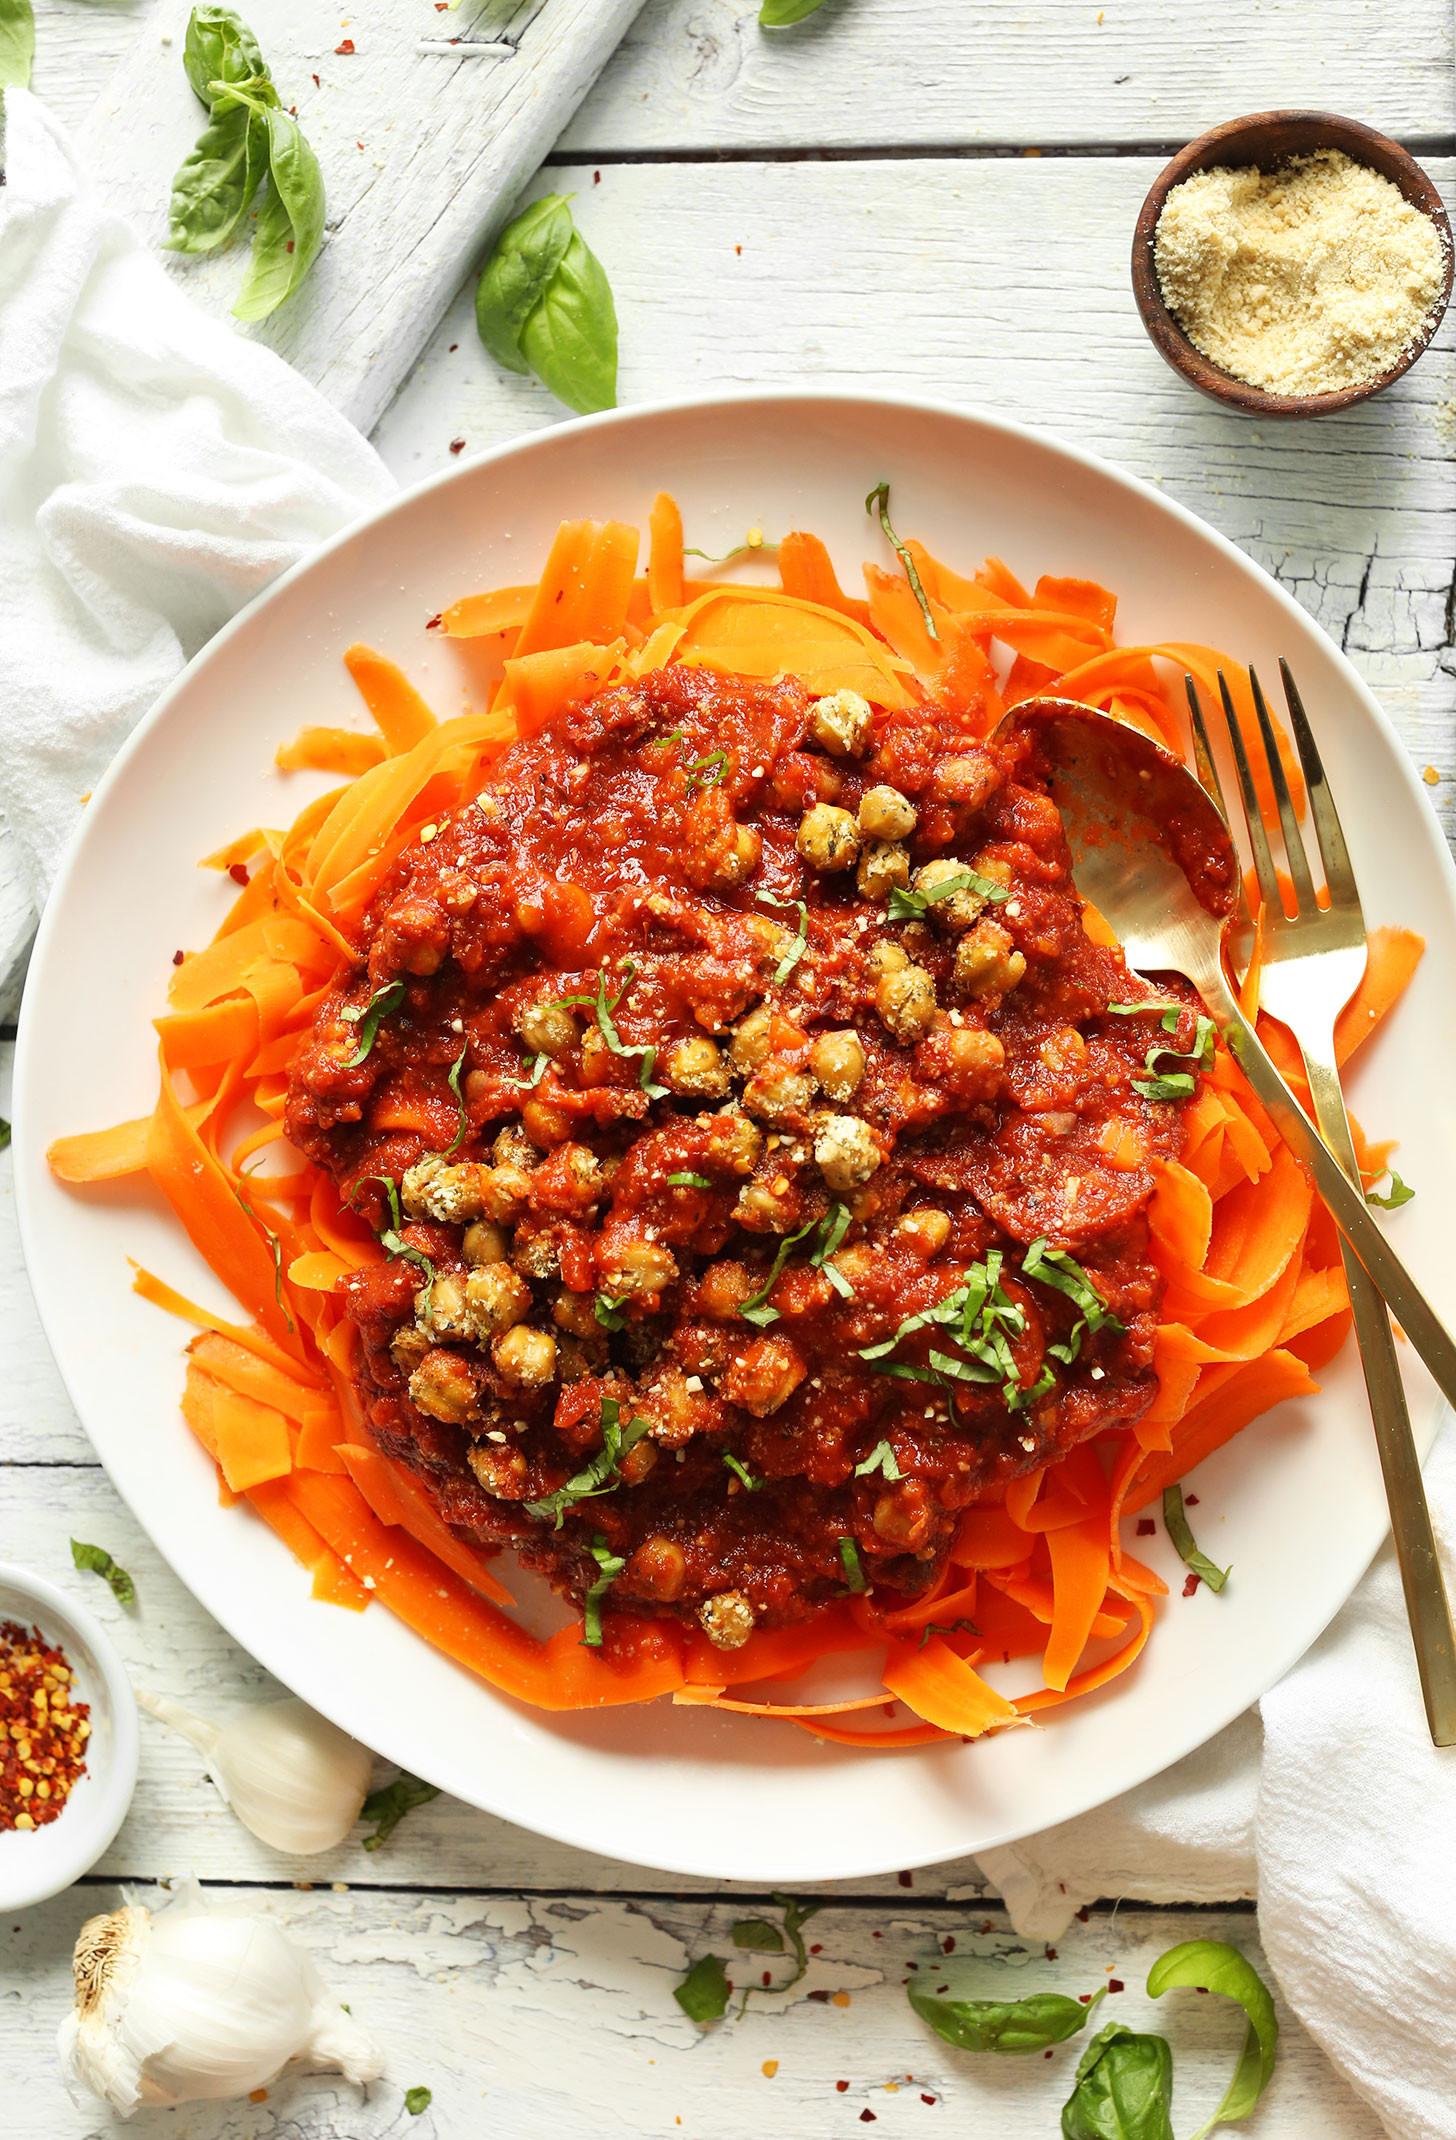 Easy Vegan Dinner  30 Days of Vegan Lunches